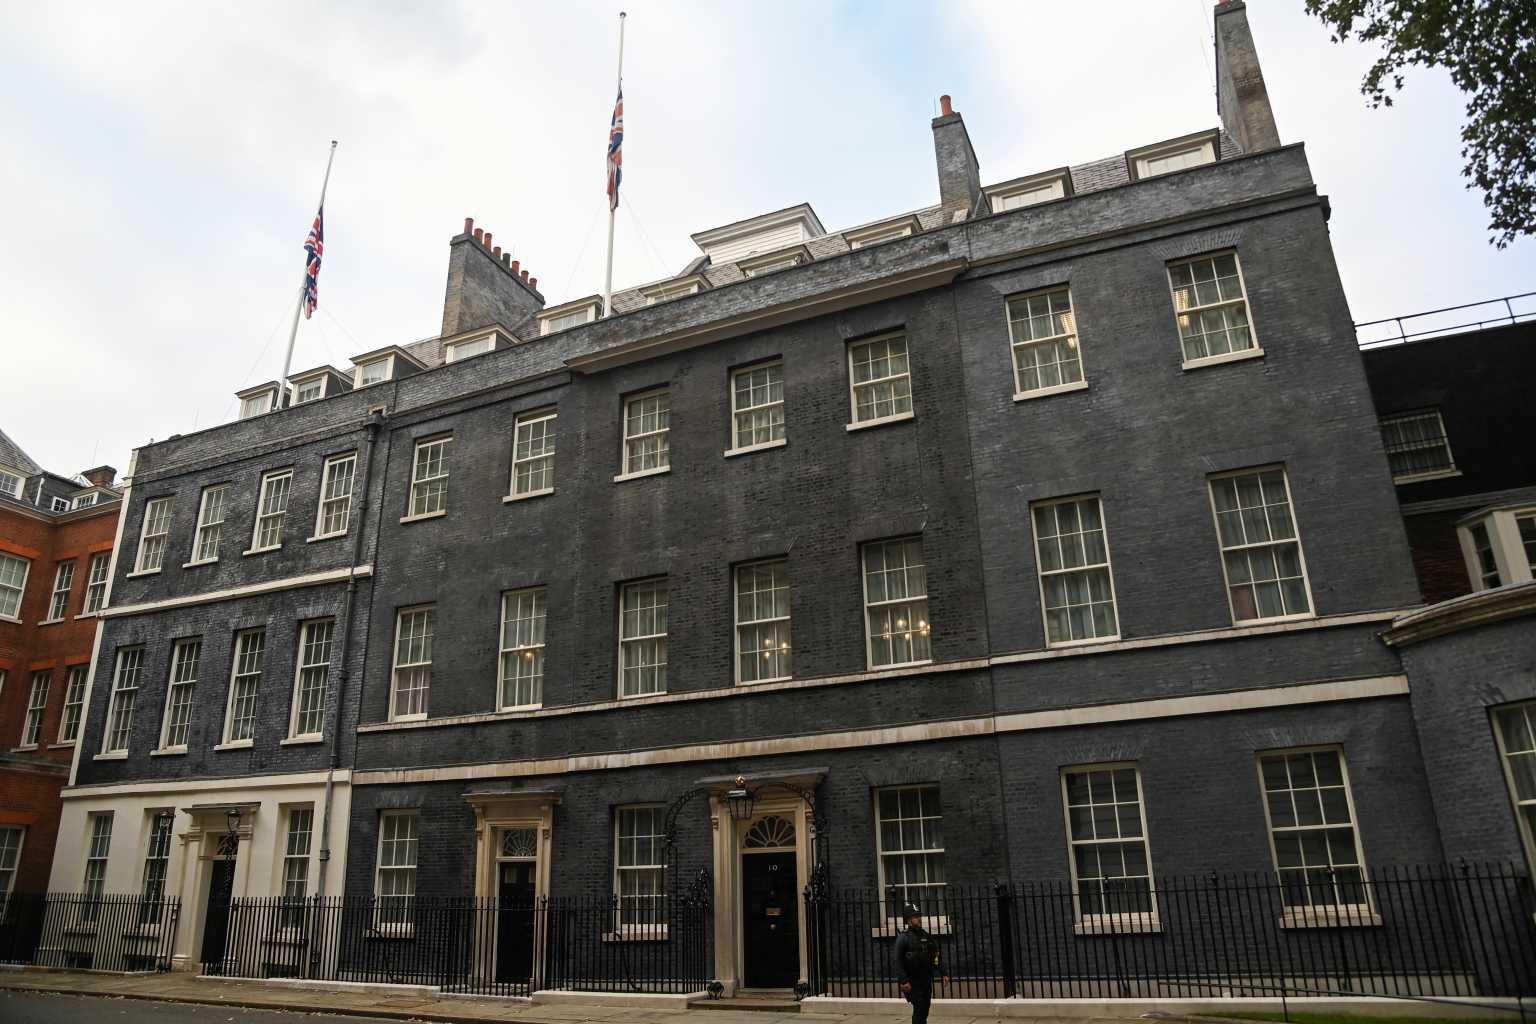 Βρετανία: Μεσίστια η σημαία στη Ντάουνινγκ Στριτ για τη δολοφονία του βουλευτή